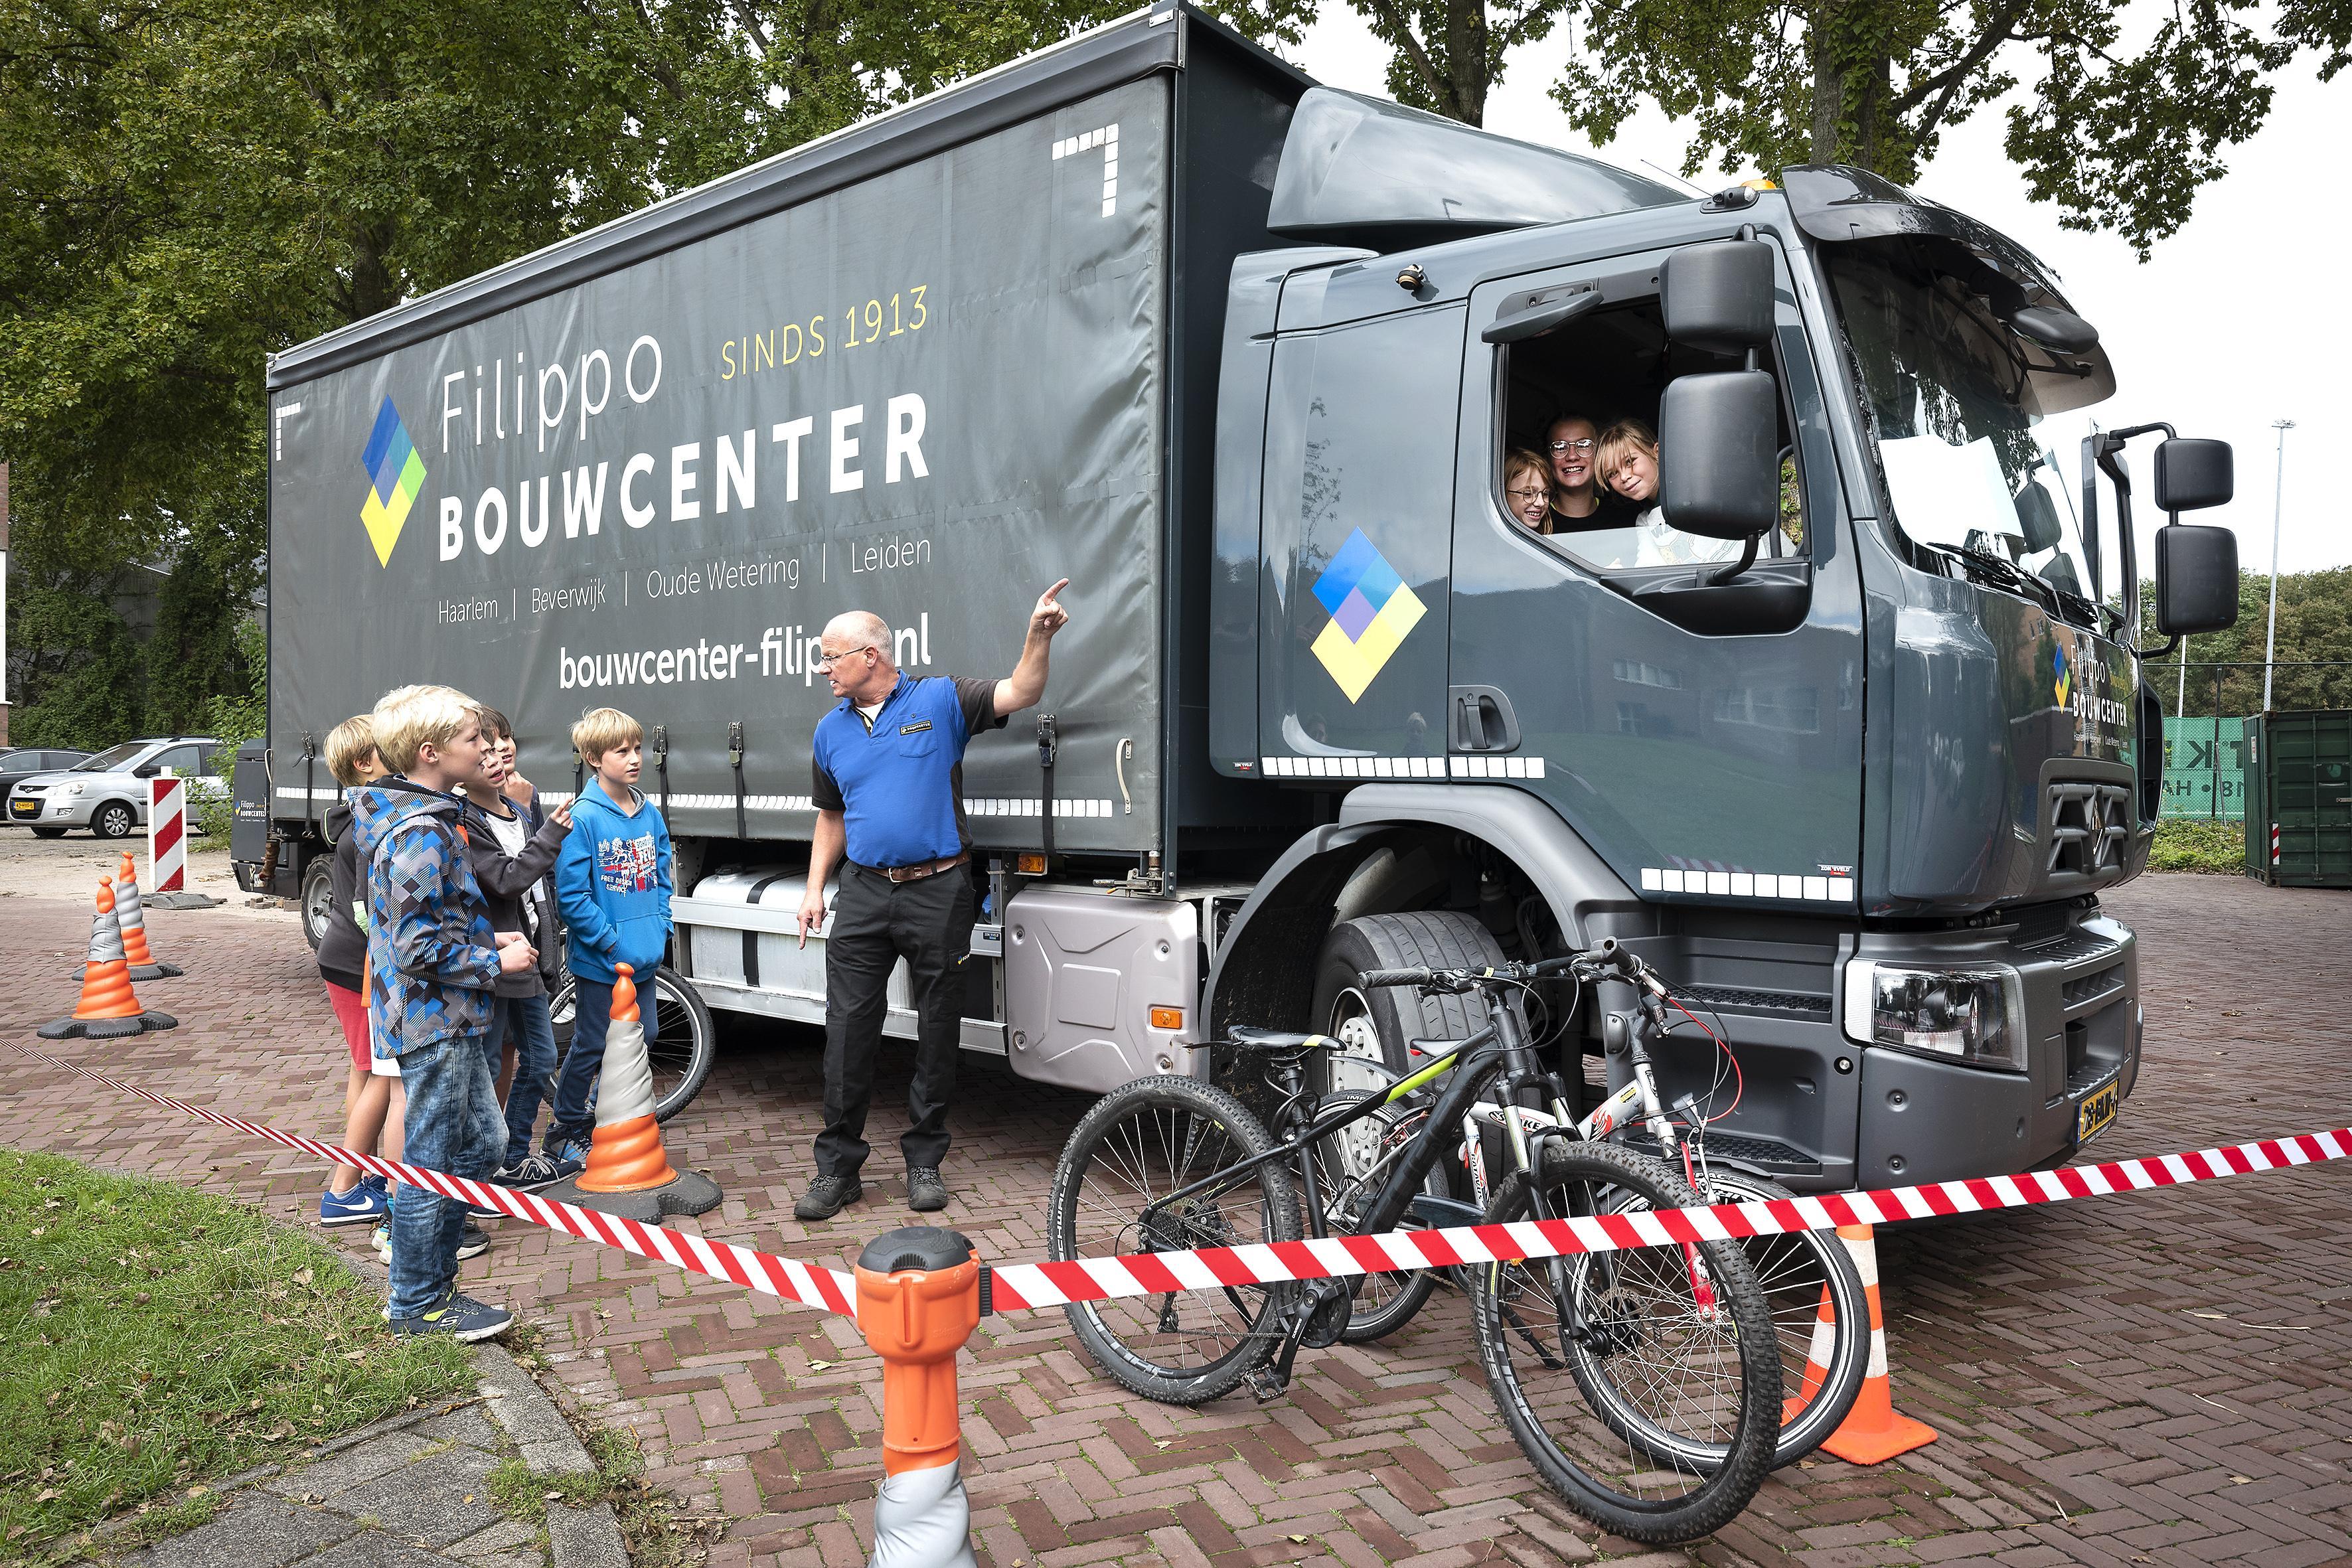 Leerlingen van De Zonnewijzer in Haarlem krijgen uitleg over dode hoek vrachtwagens: 'Belangrijk dat je gezien wordt, want je wil niet platgewalst worden'